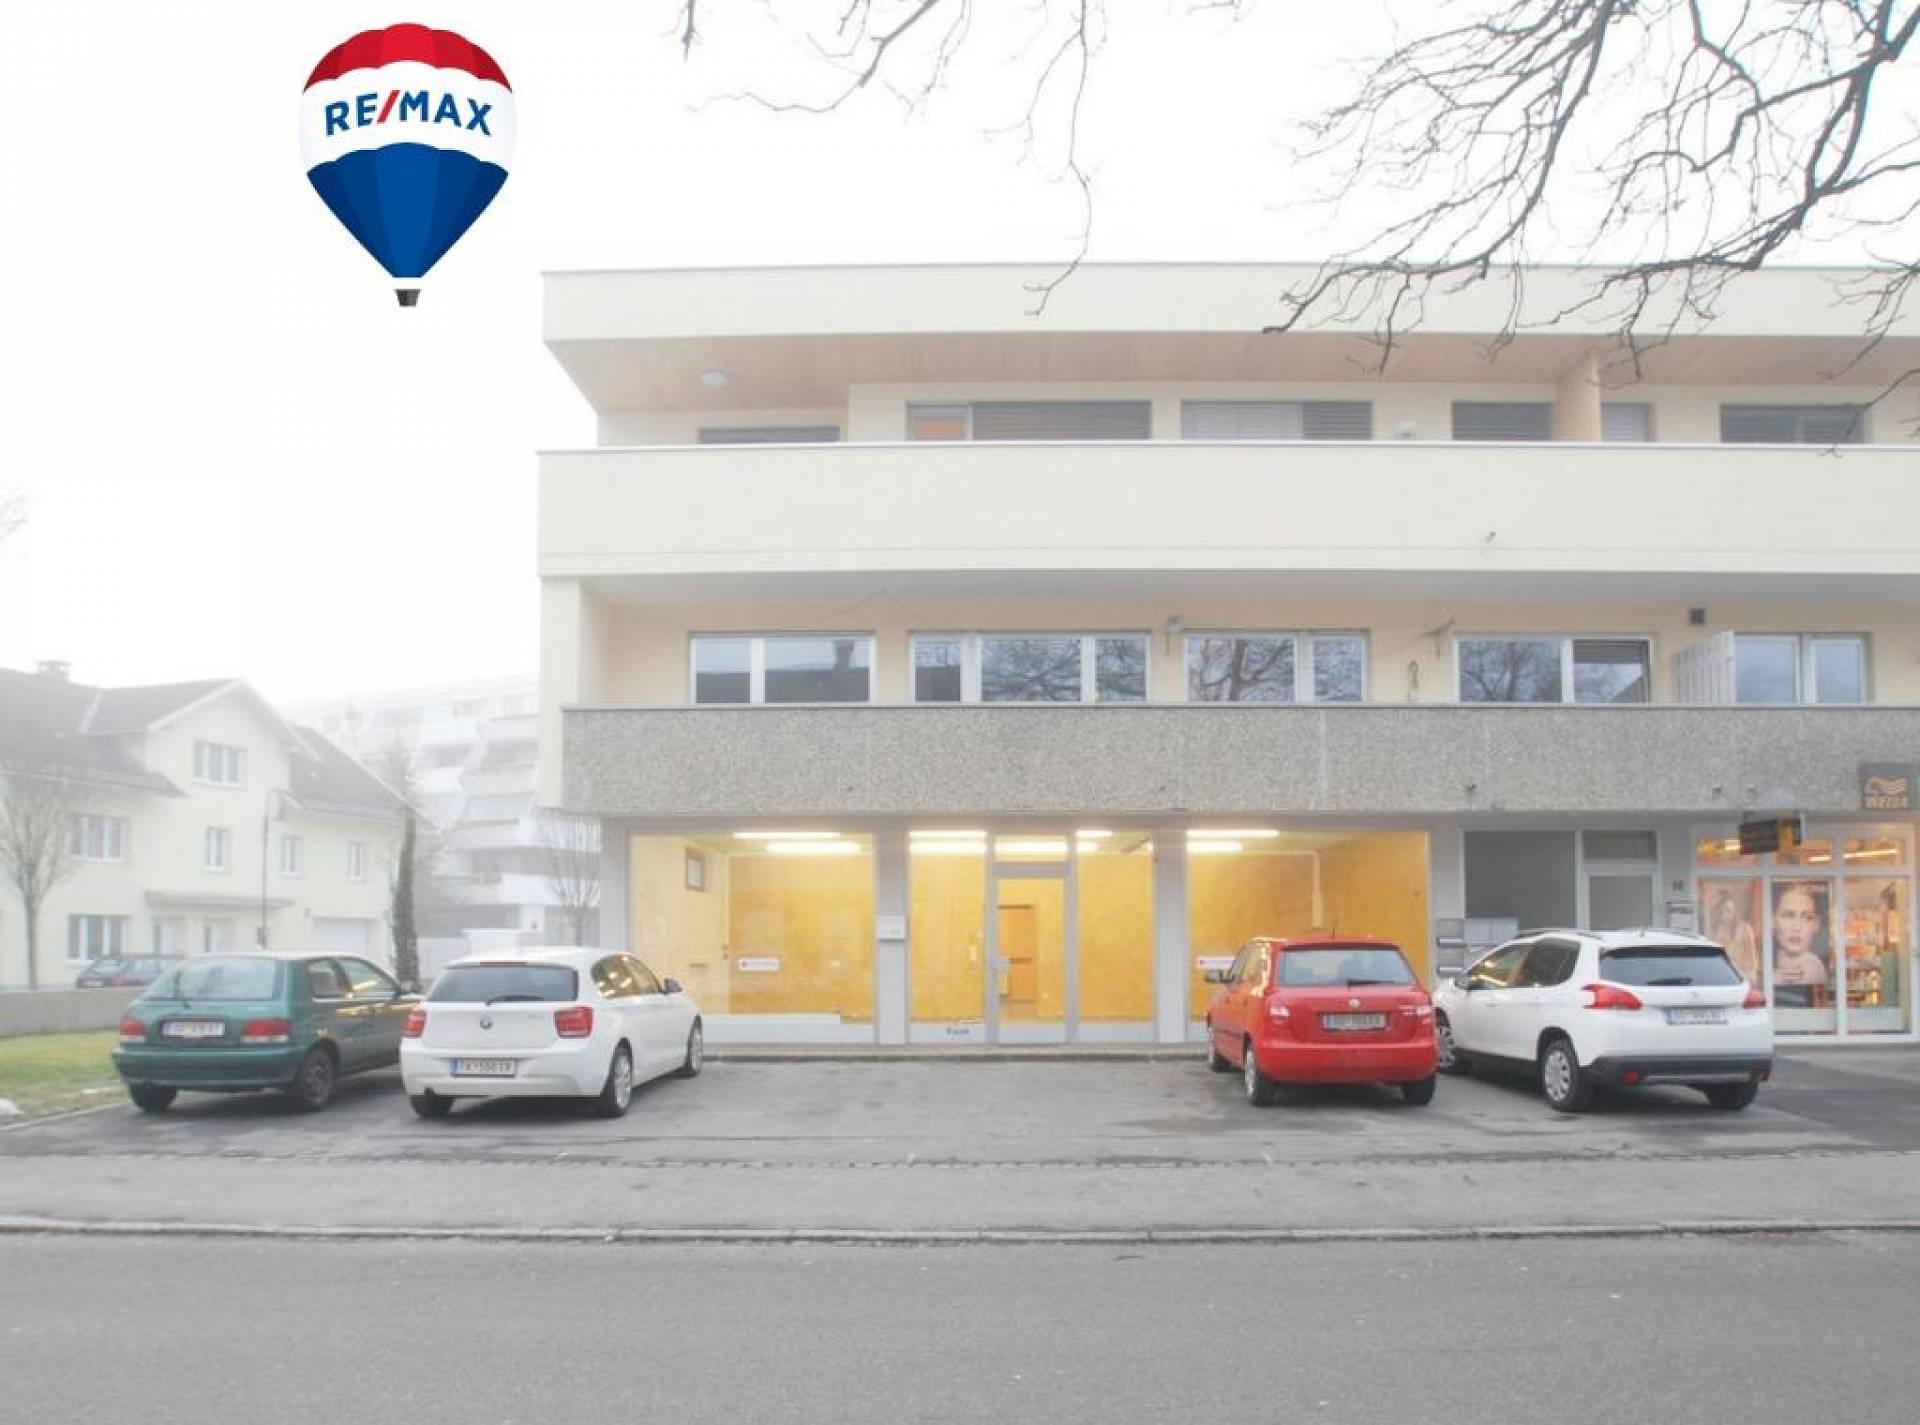 Karatesport zum Kennenlernen - Lustenau | intertecinc.com